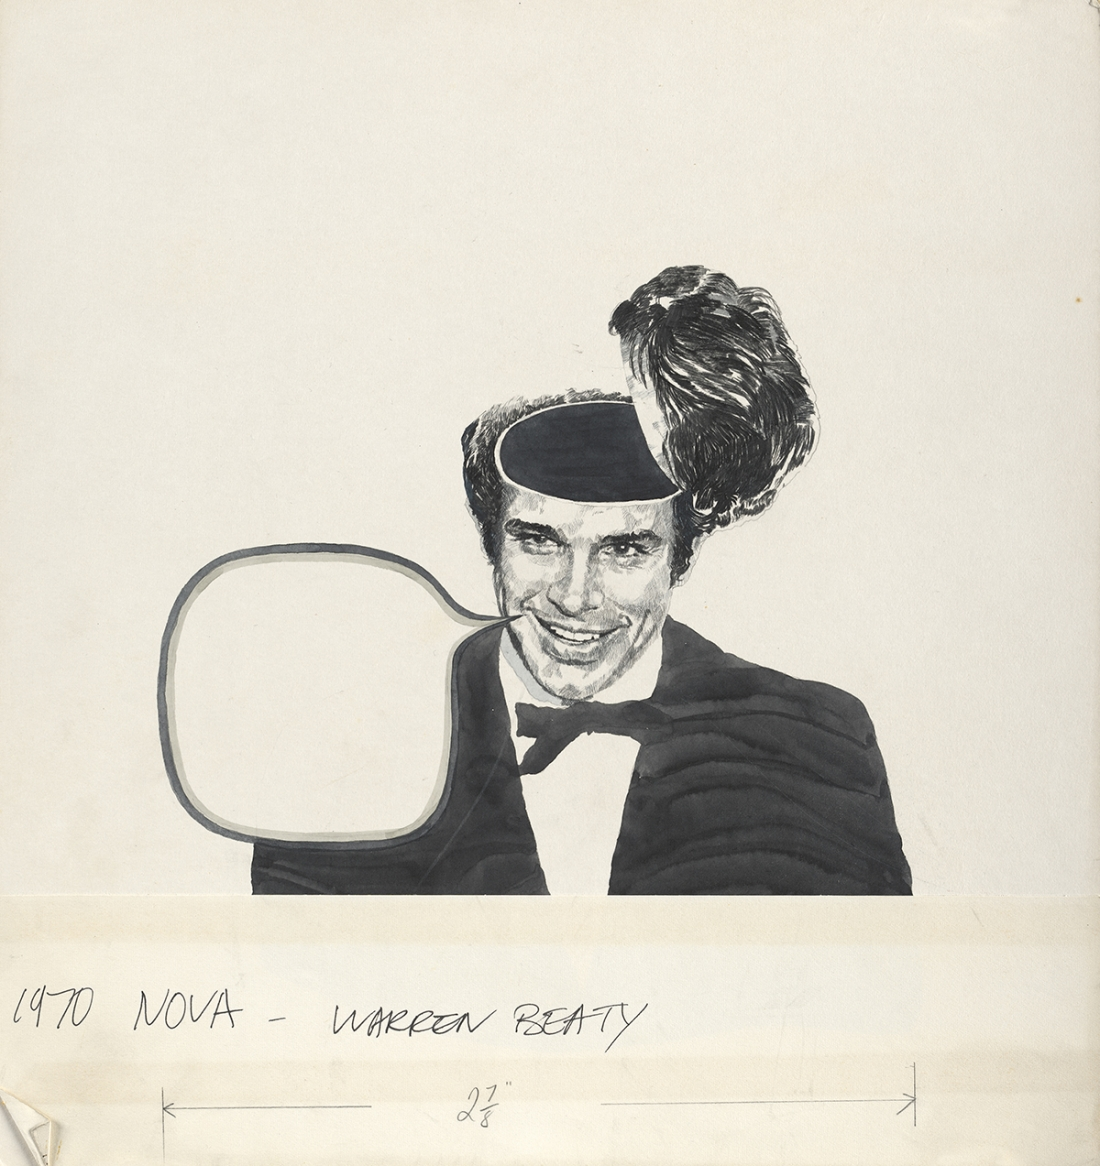 Warren Beatty, Nova